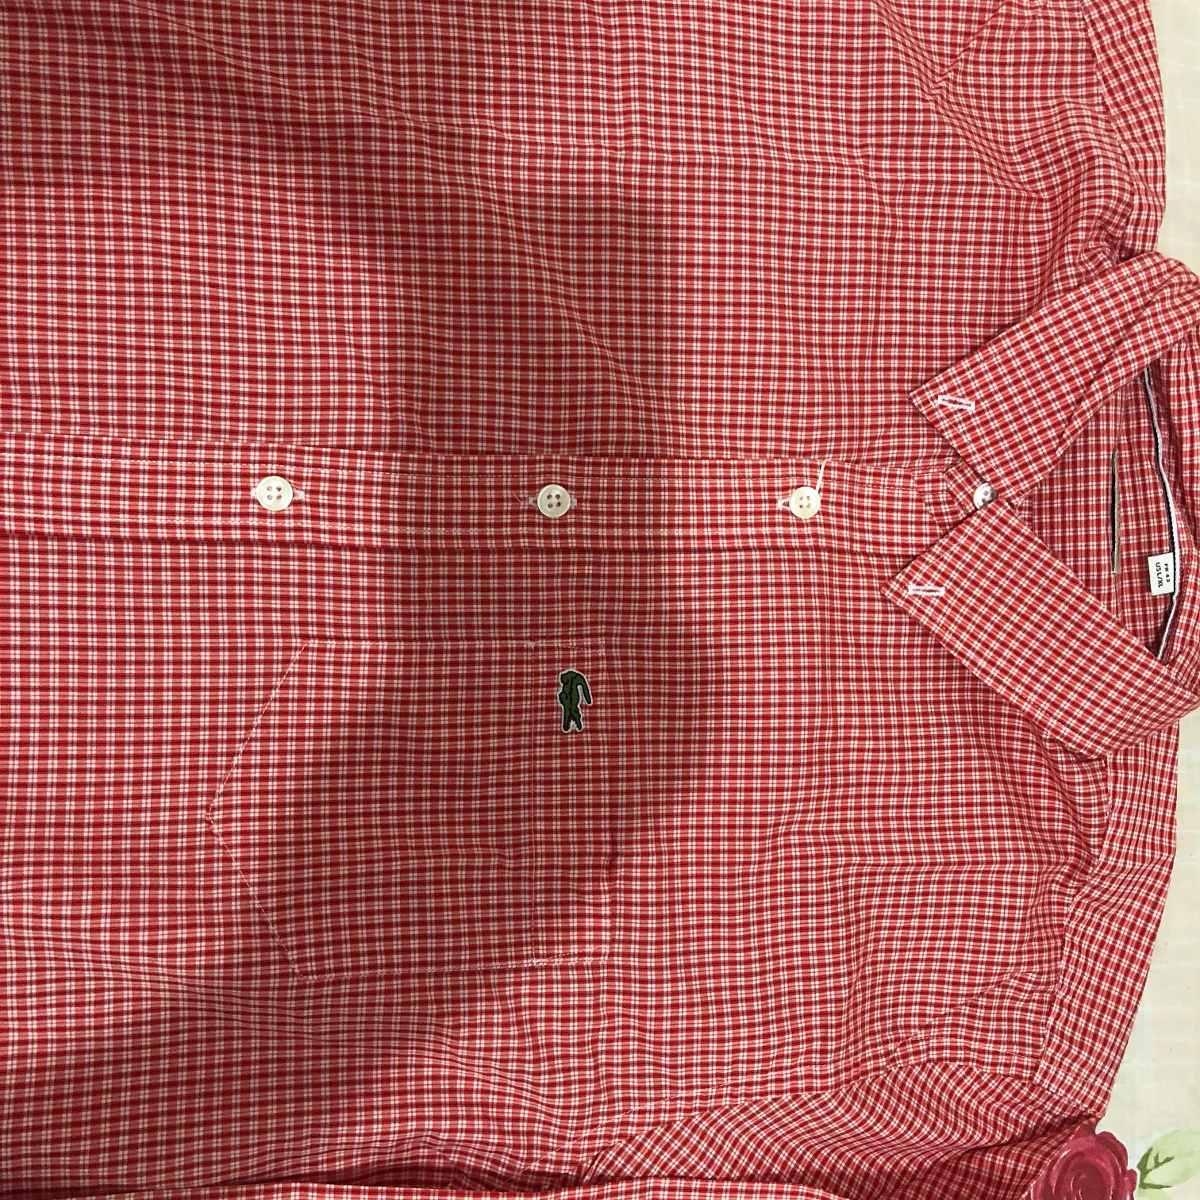 camisa xadrez lacoste manga longa tamanho 43. Carregando zoom... camisa  manga longa. Carregando zoom. 4b331a6ae3